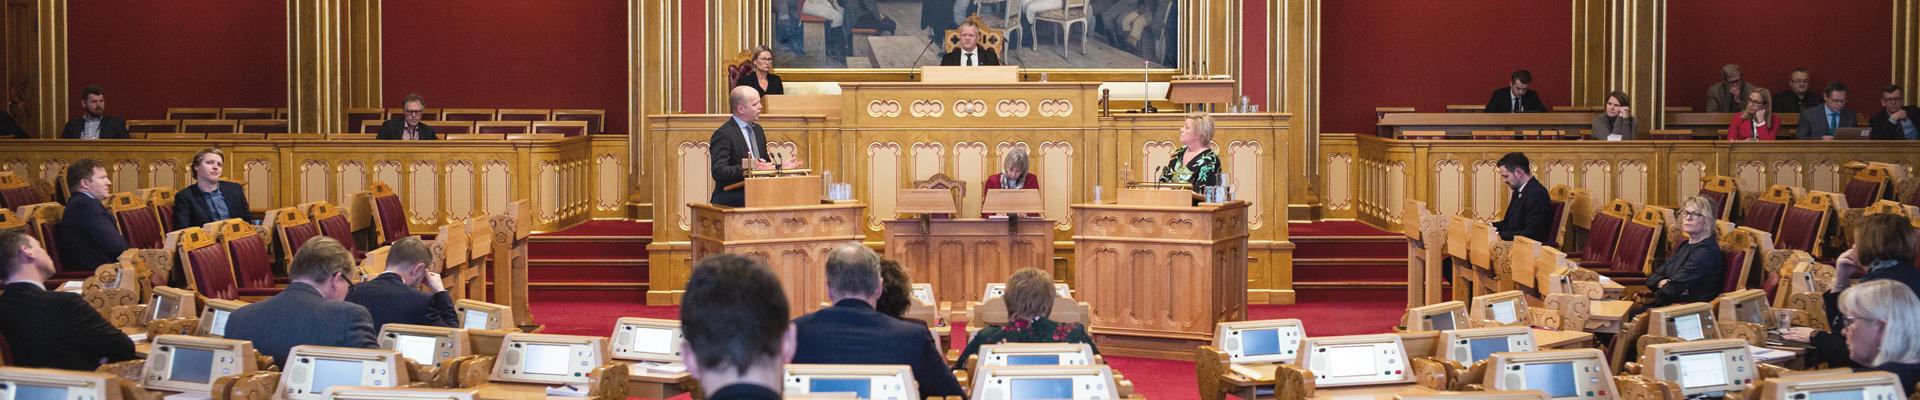 FO mener, Stortinget